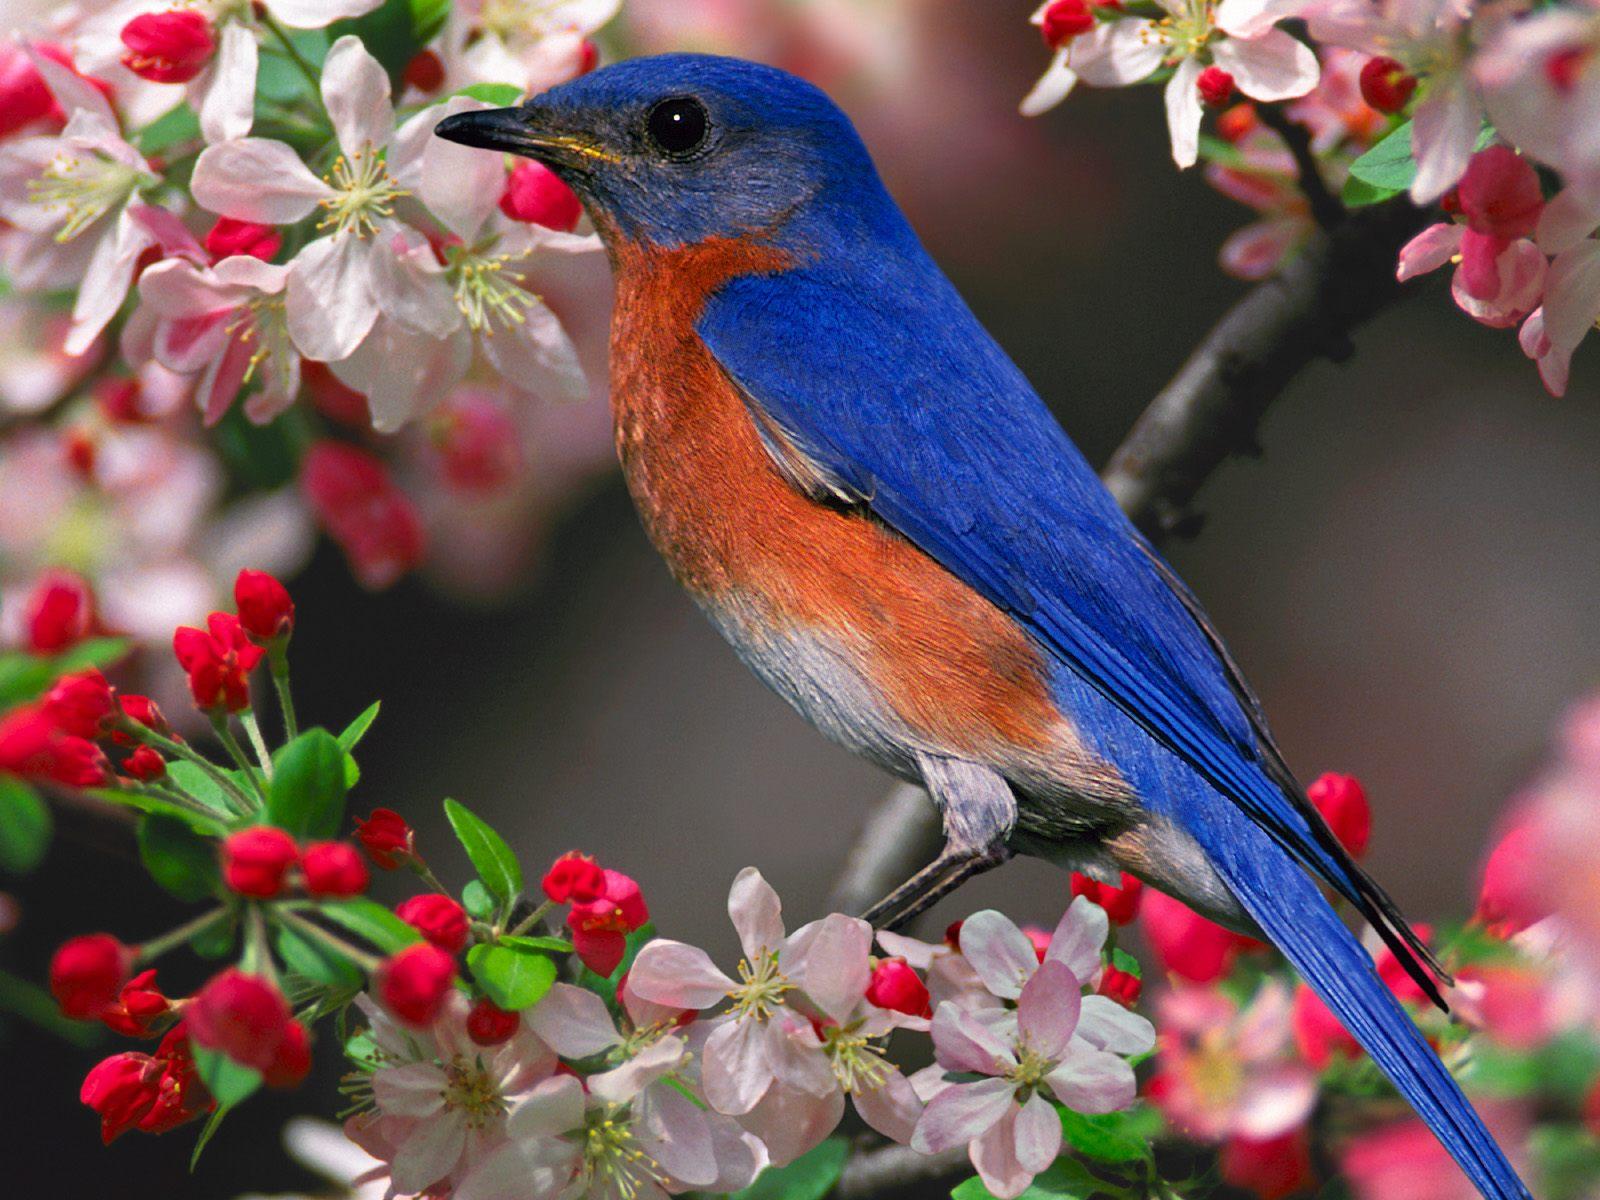 http://3.bp.blogspot.com/-RMJF2cp4JLs/TXUrABbLzfI/AAAAAAAAS0I/CHd7qkxUOE8/s1600/blue-bird-wallpapers.JPG